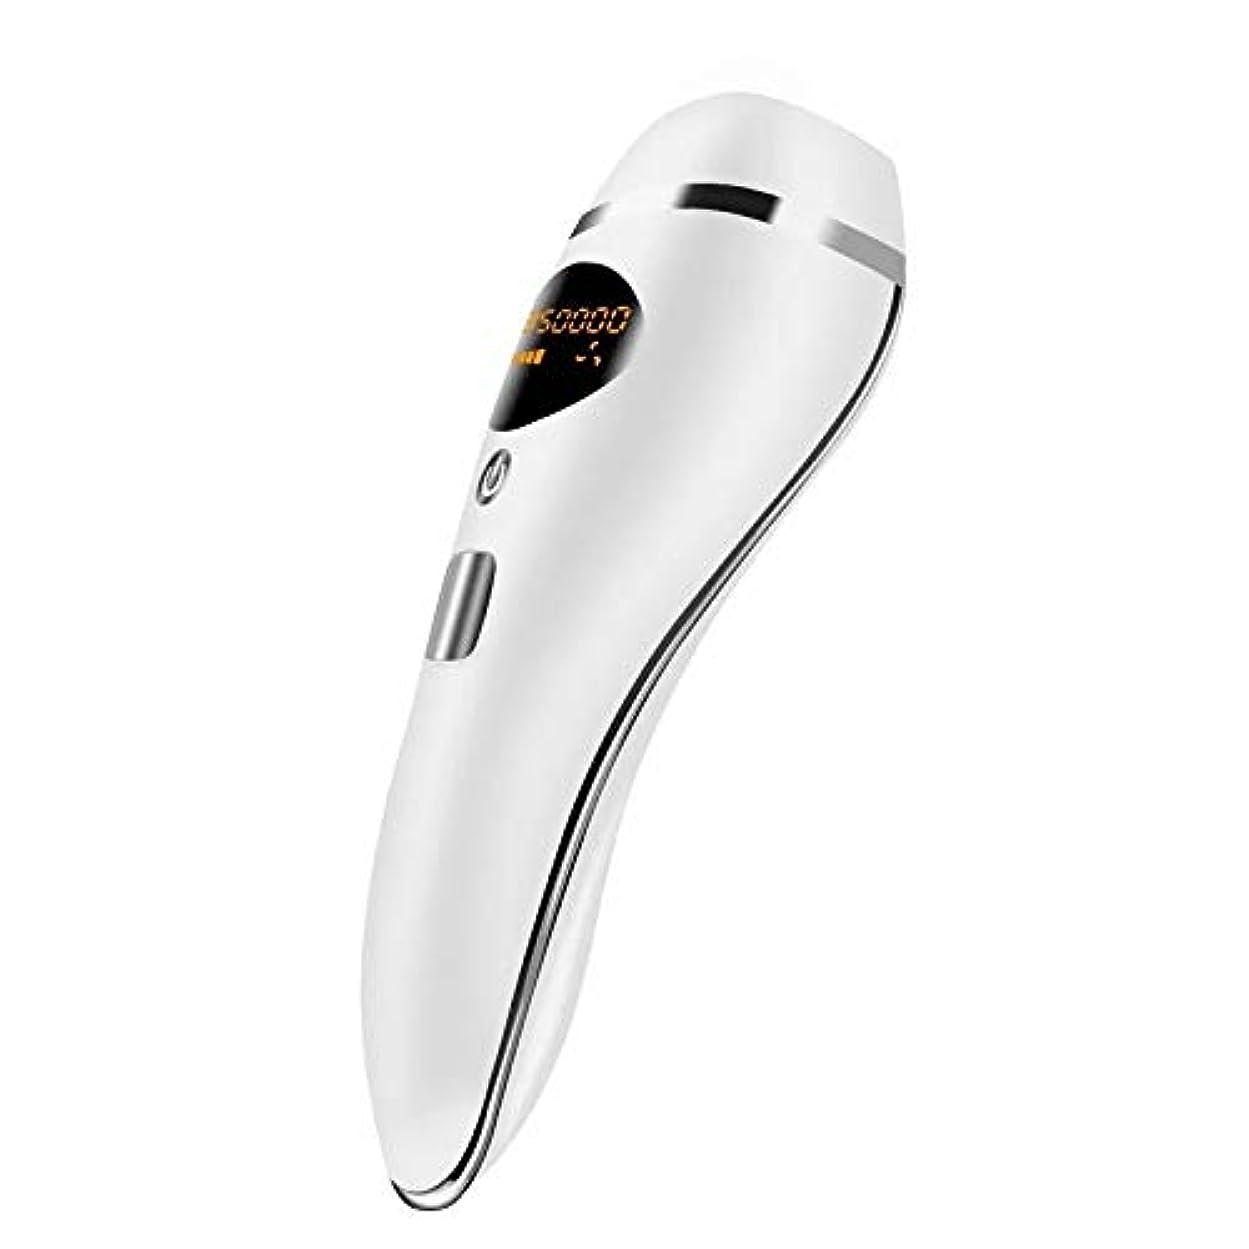 絶望的な神社学校の先生レーザー脱毛美容機器無痛永久IPL凍結ポイントデバイス、全身フェイシャルユニセックス機器に適して,White